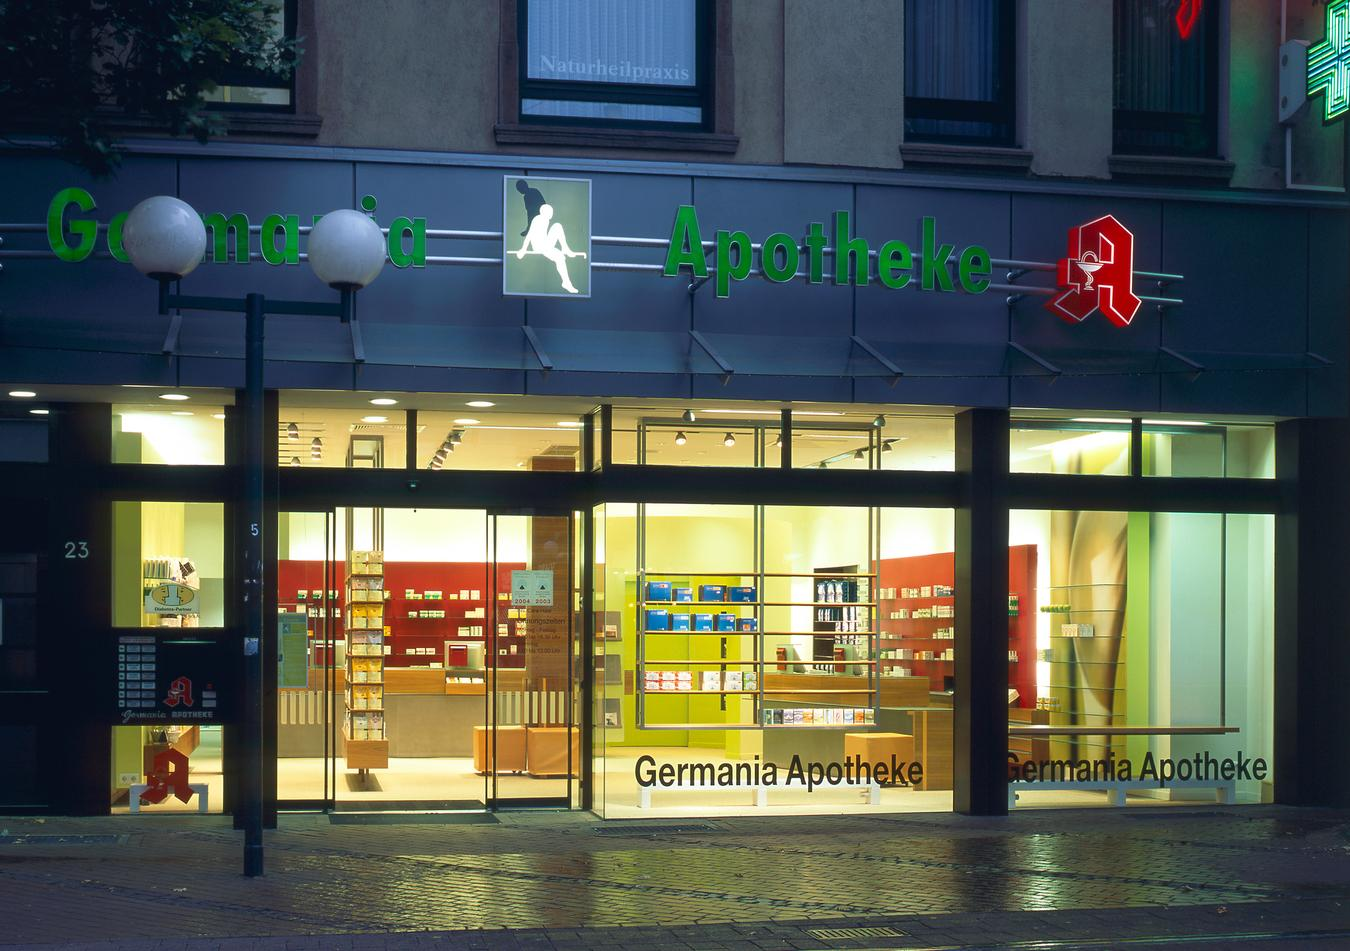 Germania Apotheke Essen